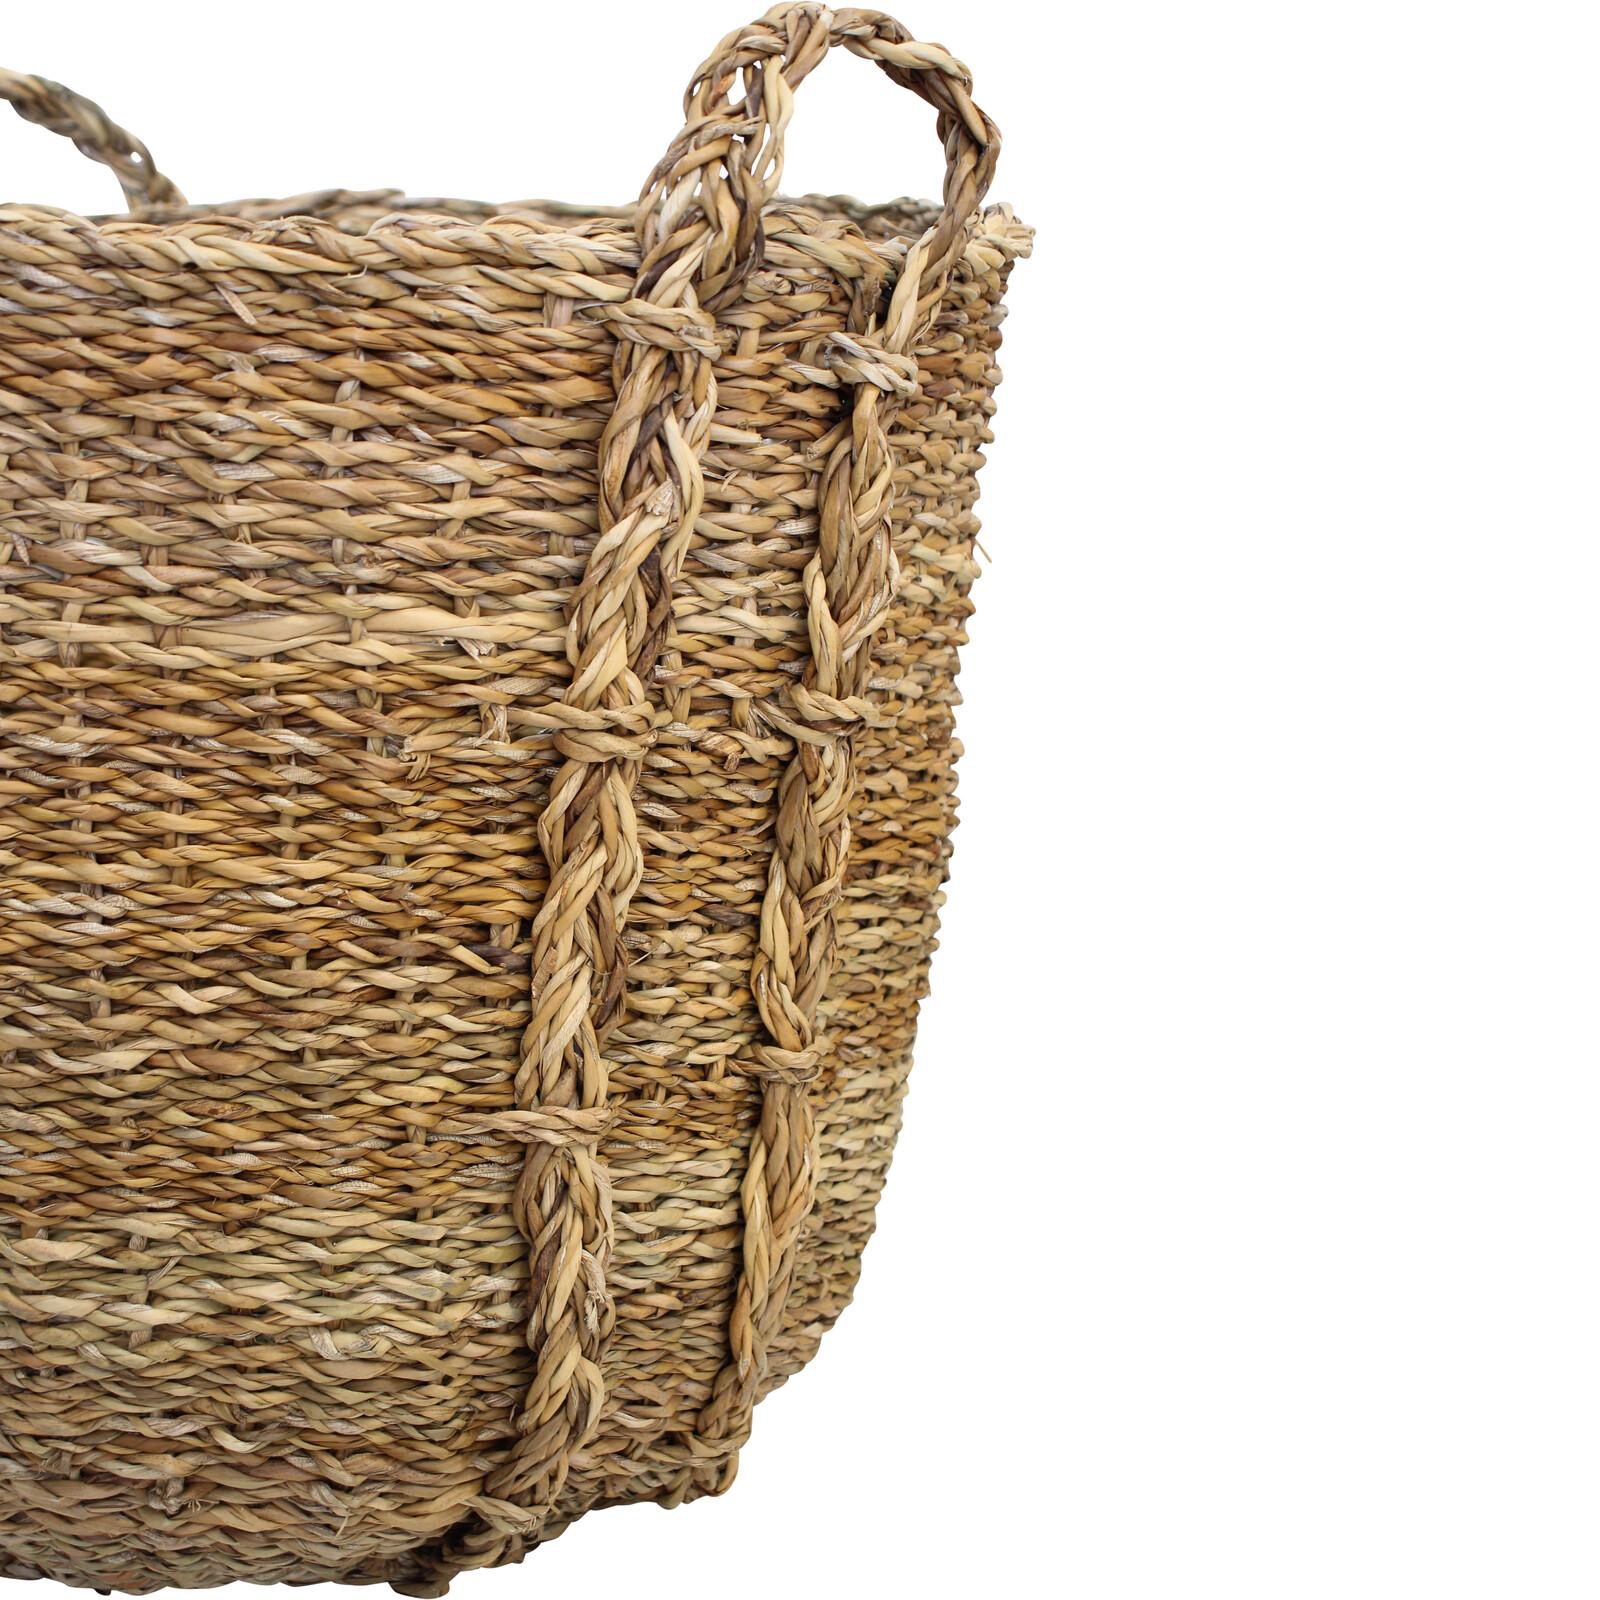 Basket Double Handle S/3